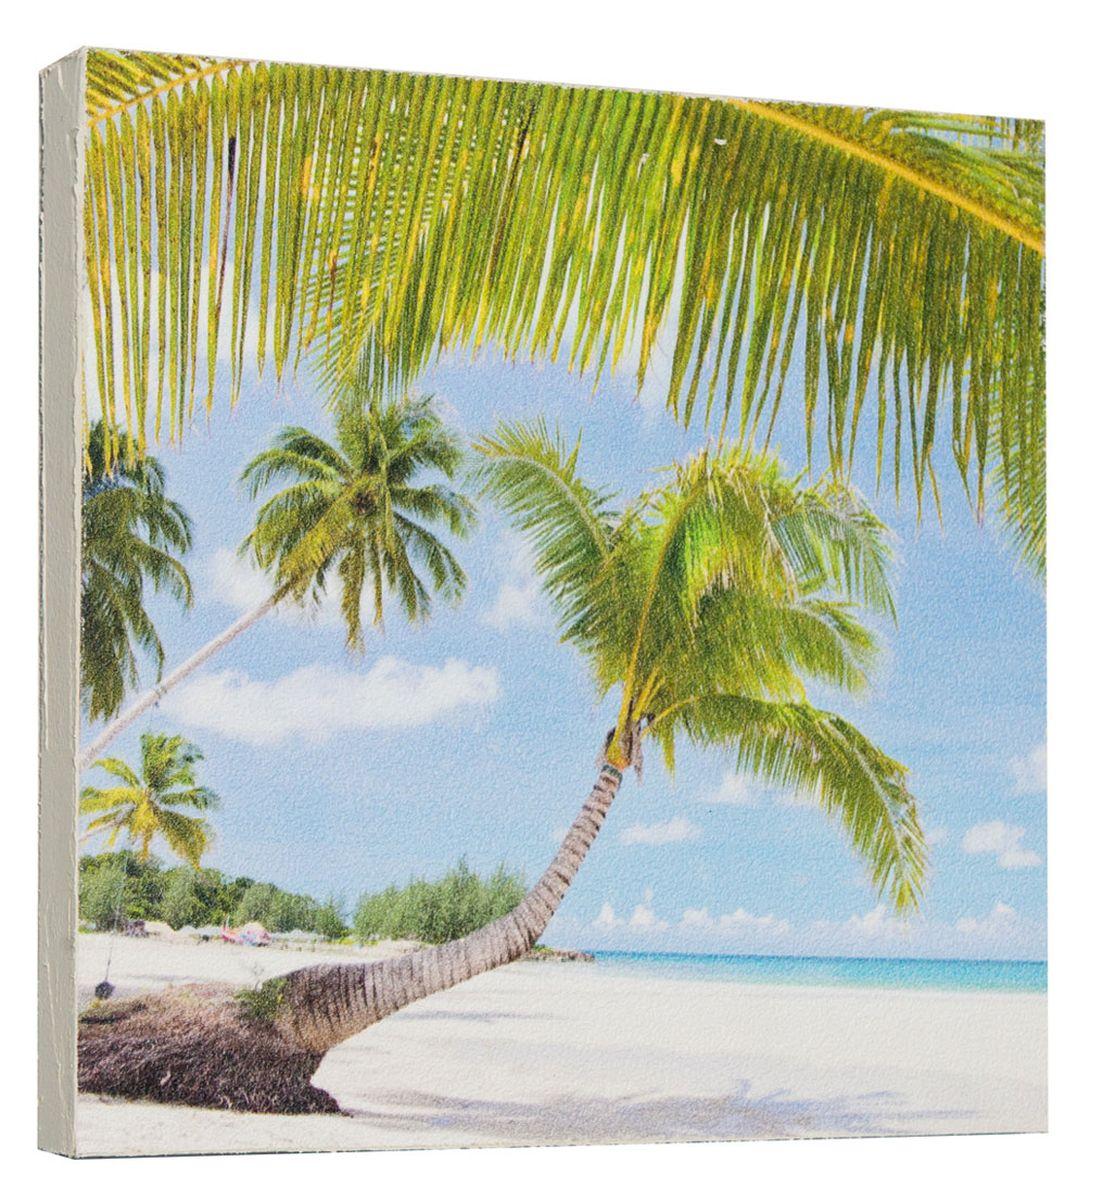 Картина Тропическая пальма, 22 х 22 см0297-22-22